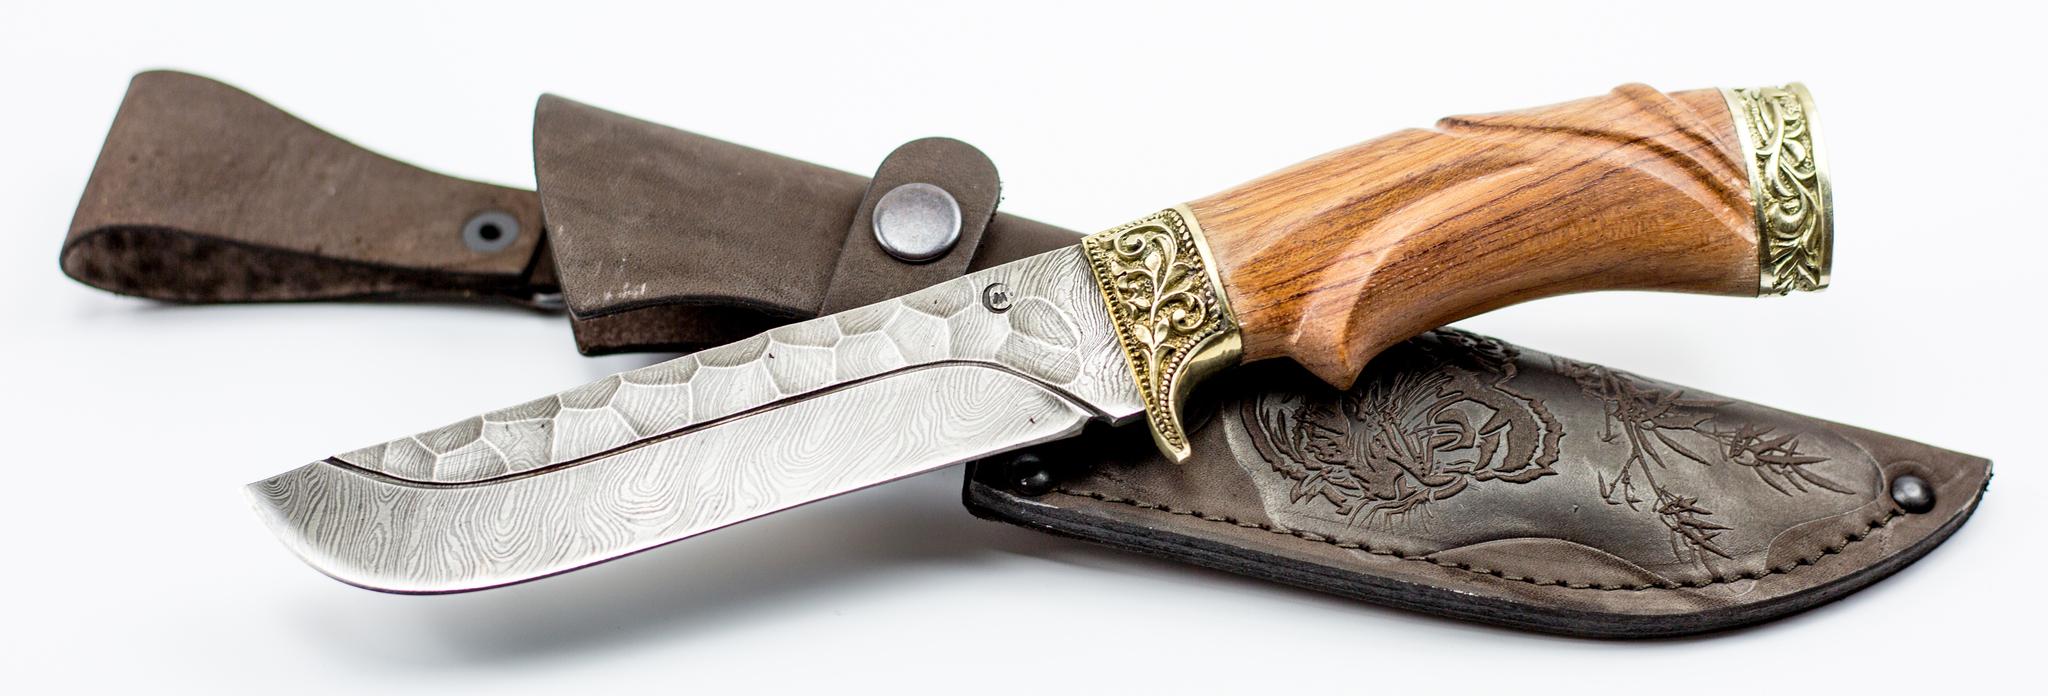 Нож Варяг с резной рукоятью, дамасская сталь, литье от Кузница Семина